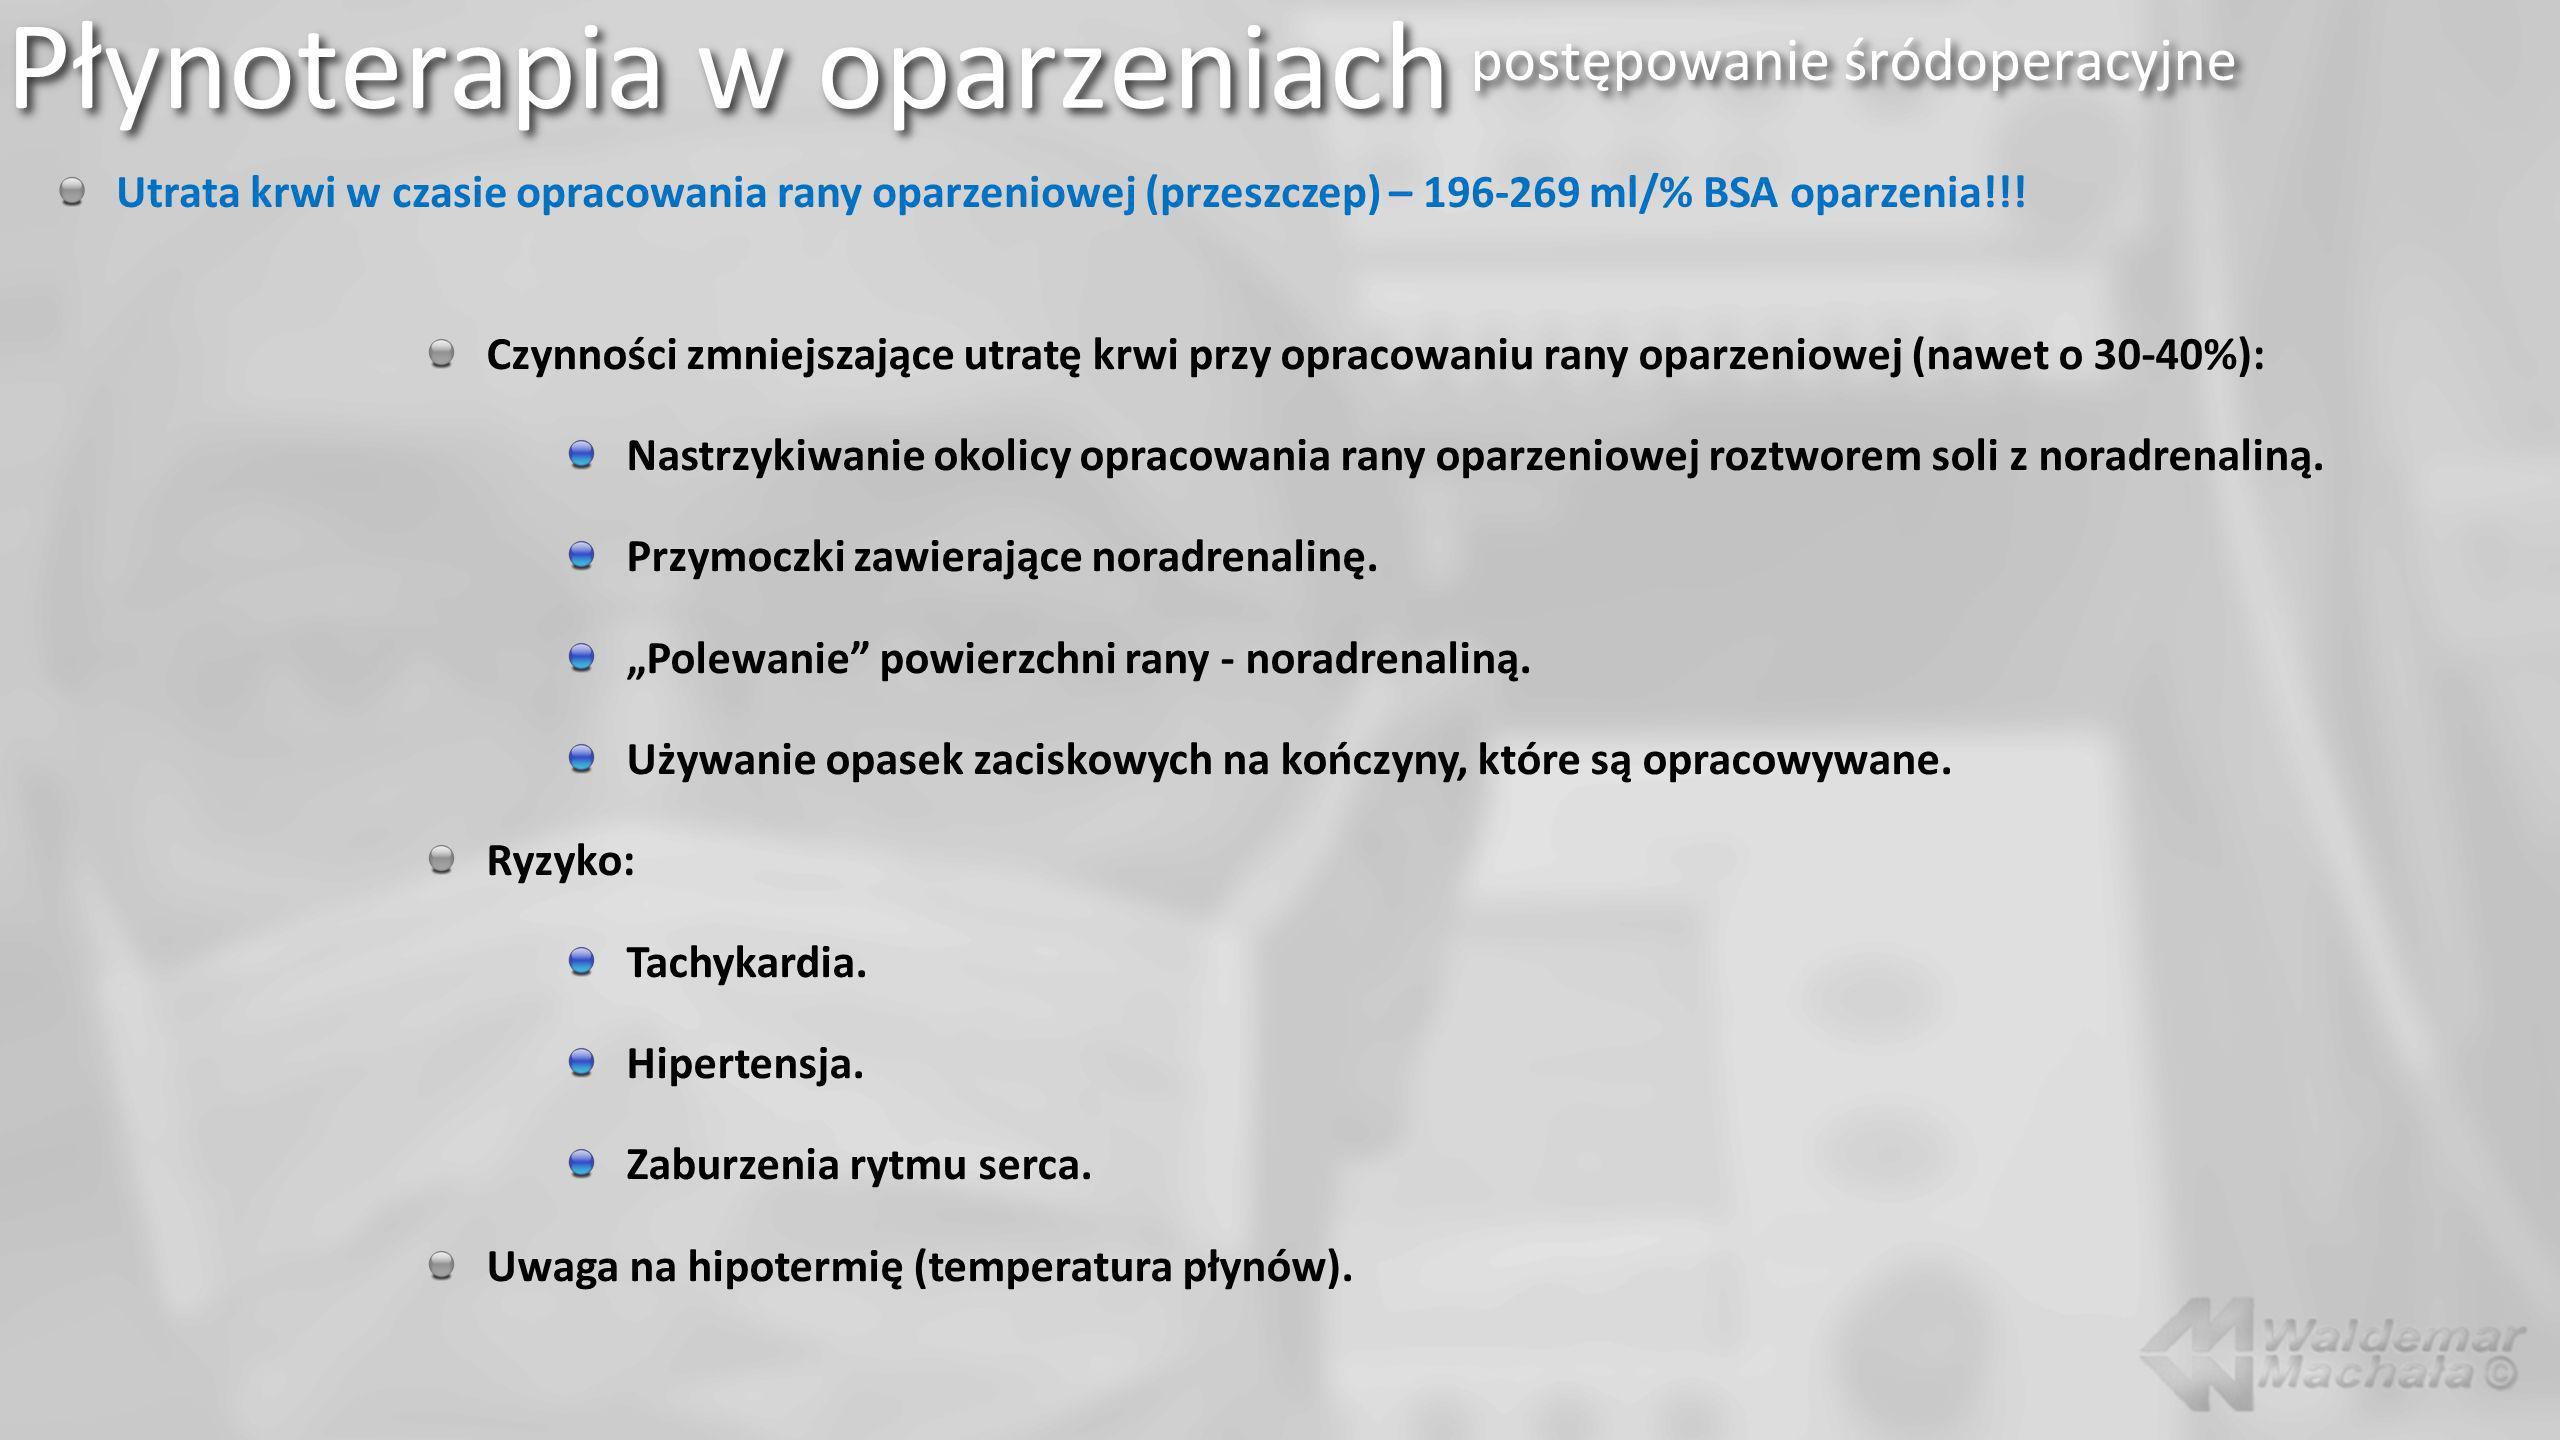 Płynoterapia w oparzeniach postępowanie śródoperacyjne